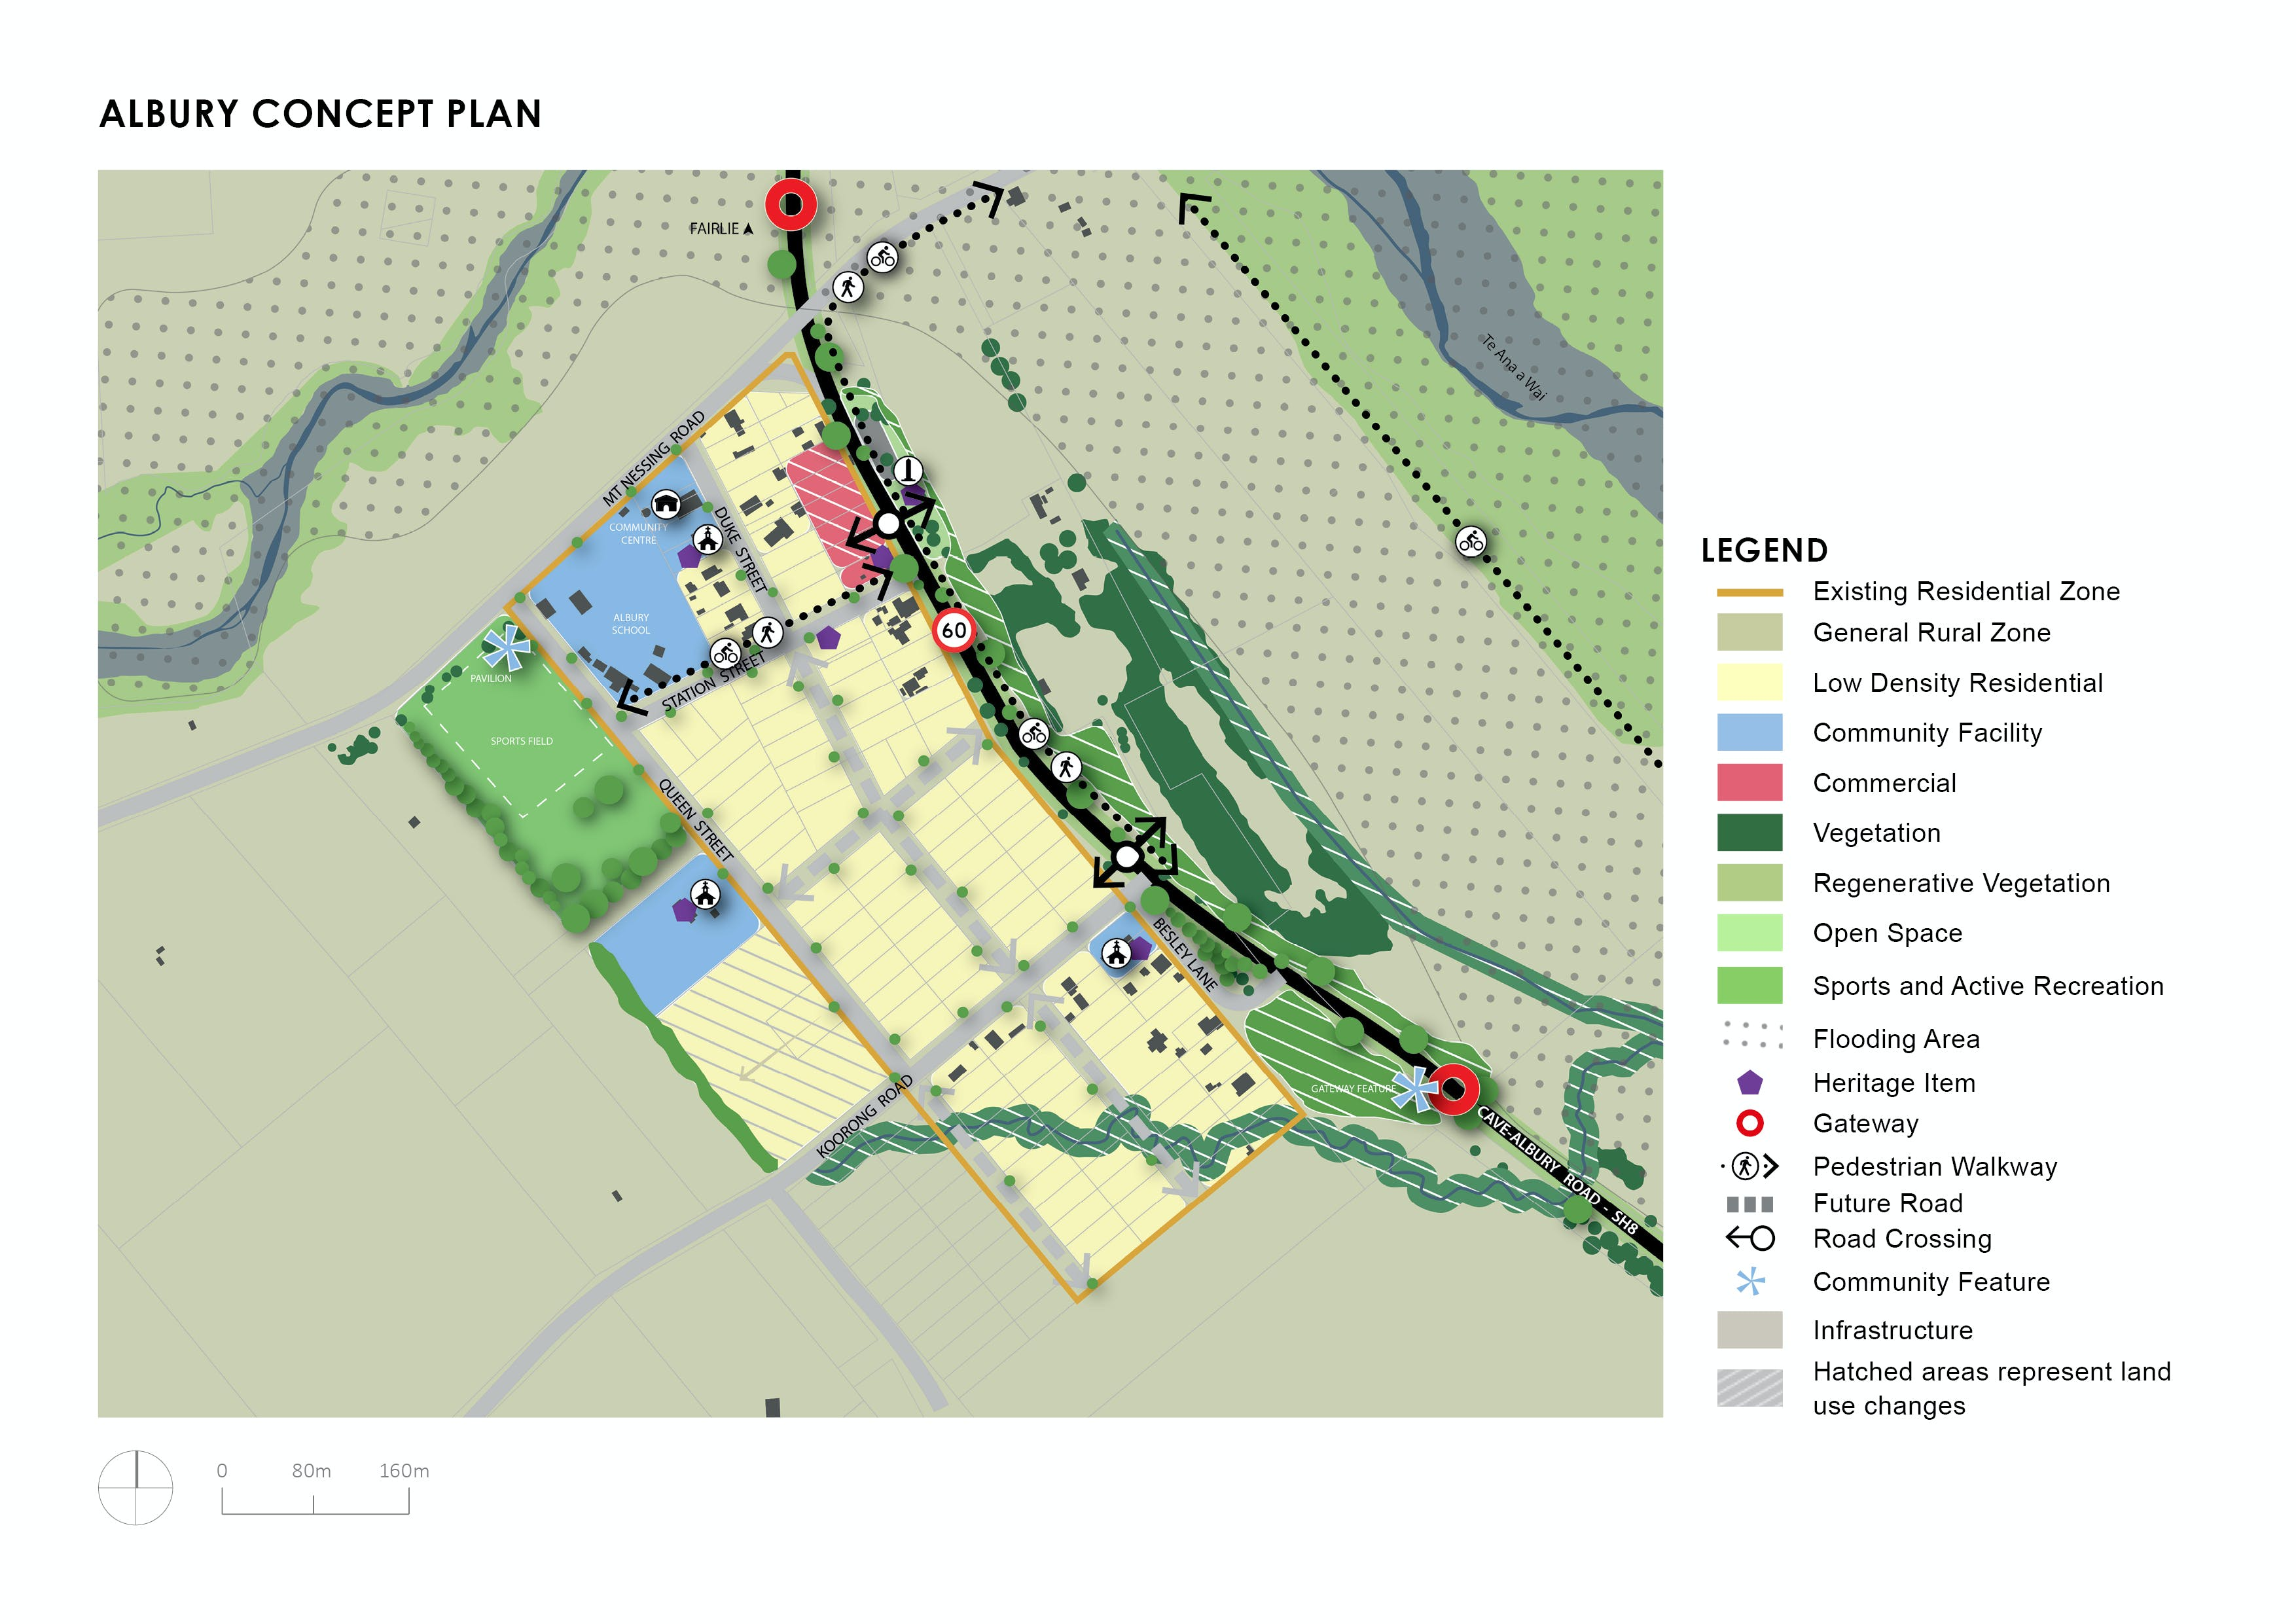 Albury Concept Plan